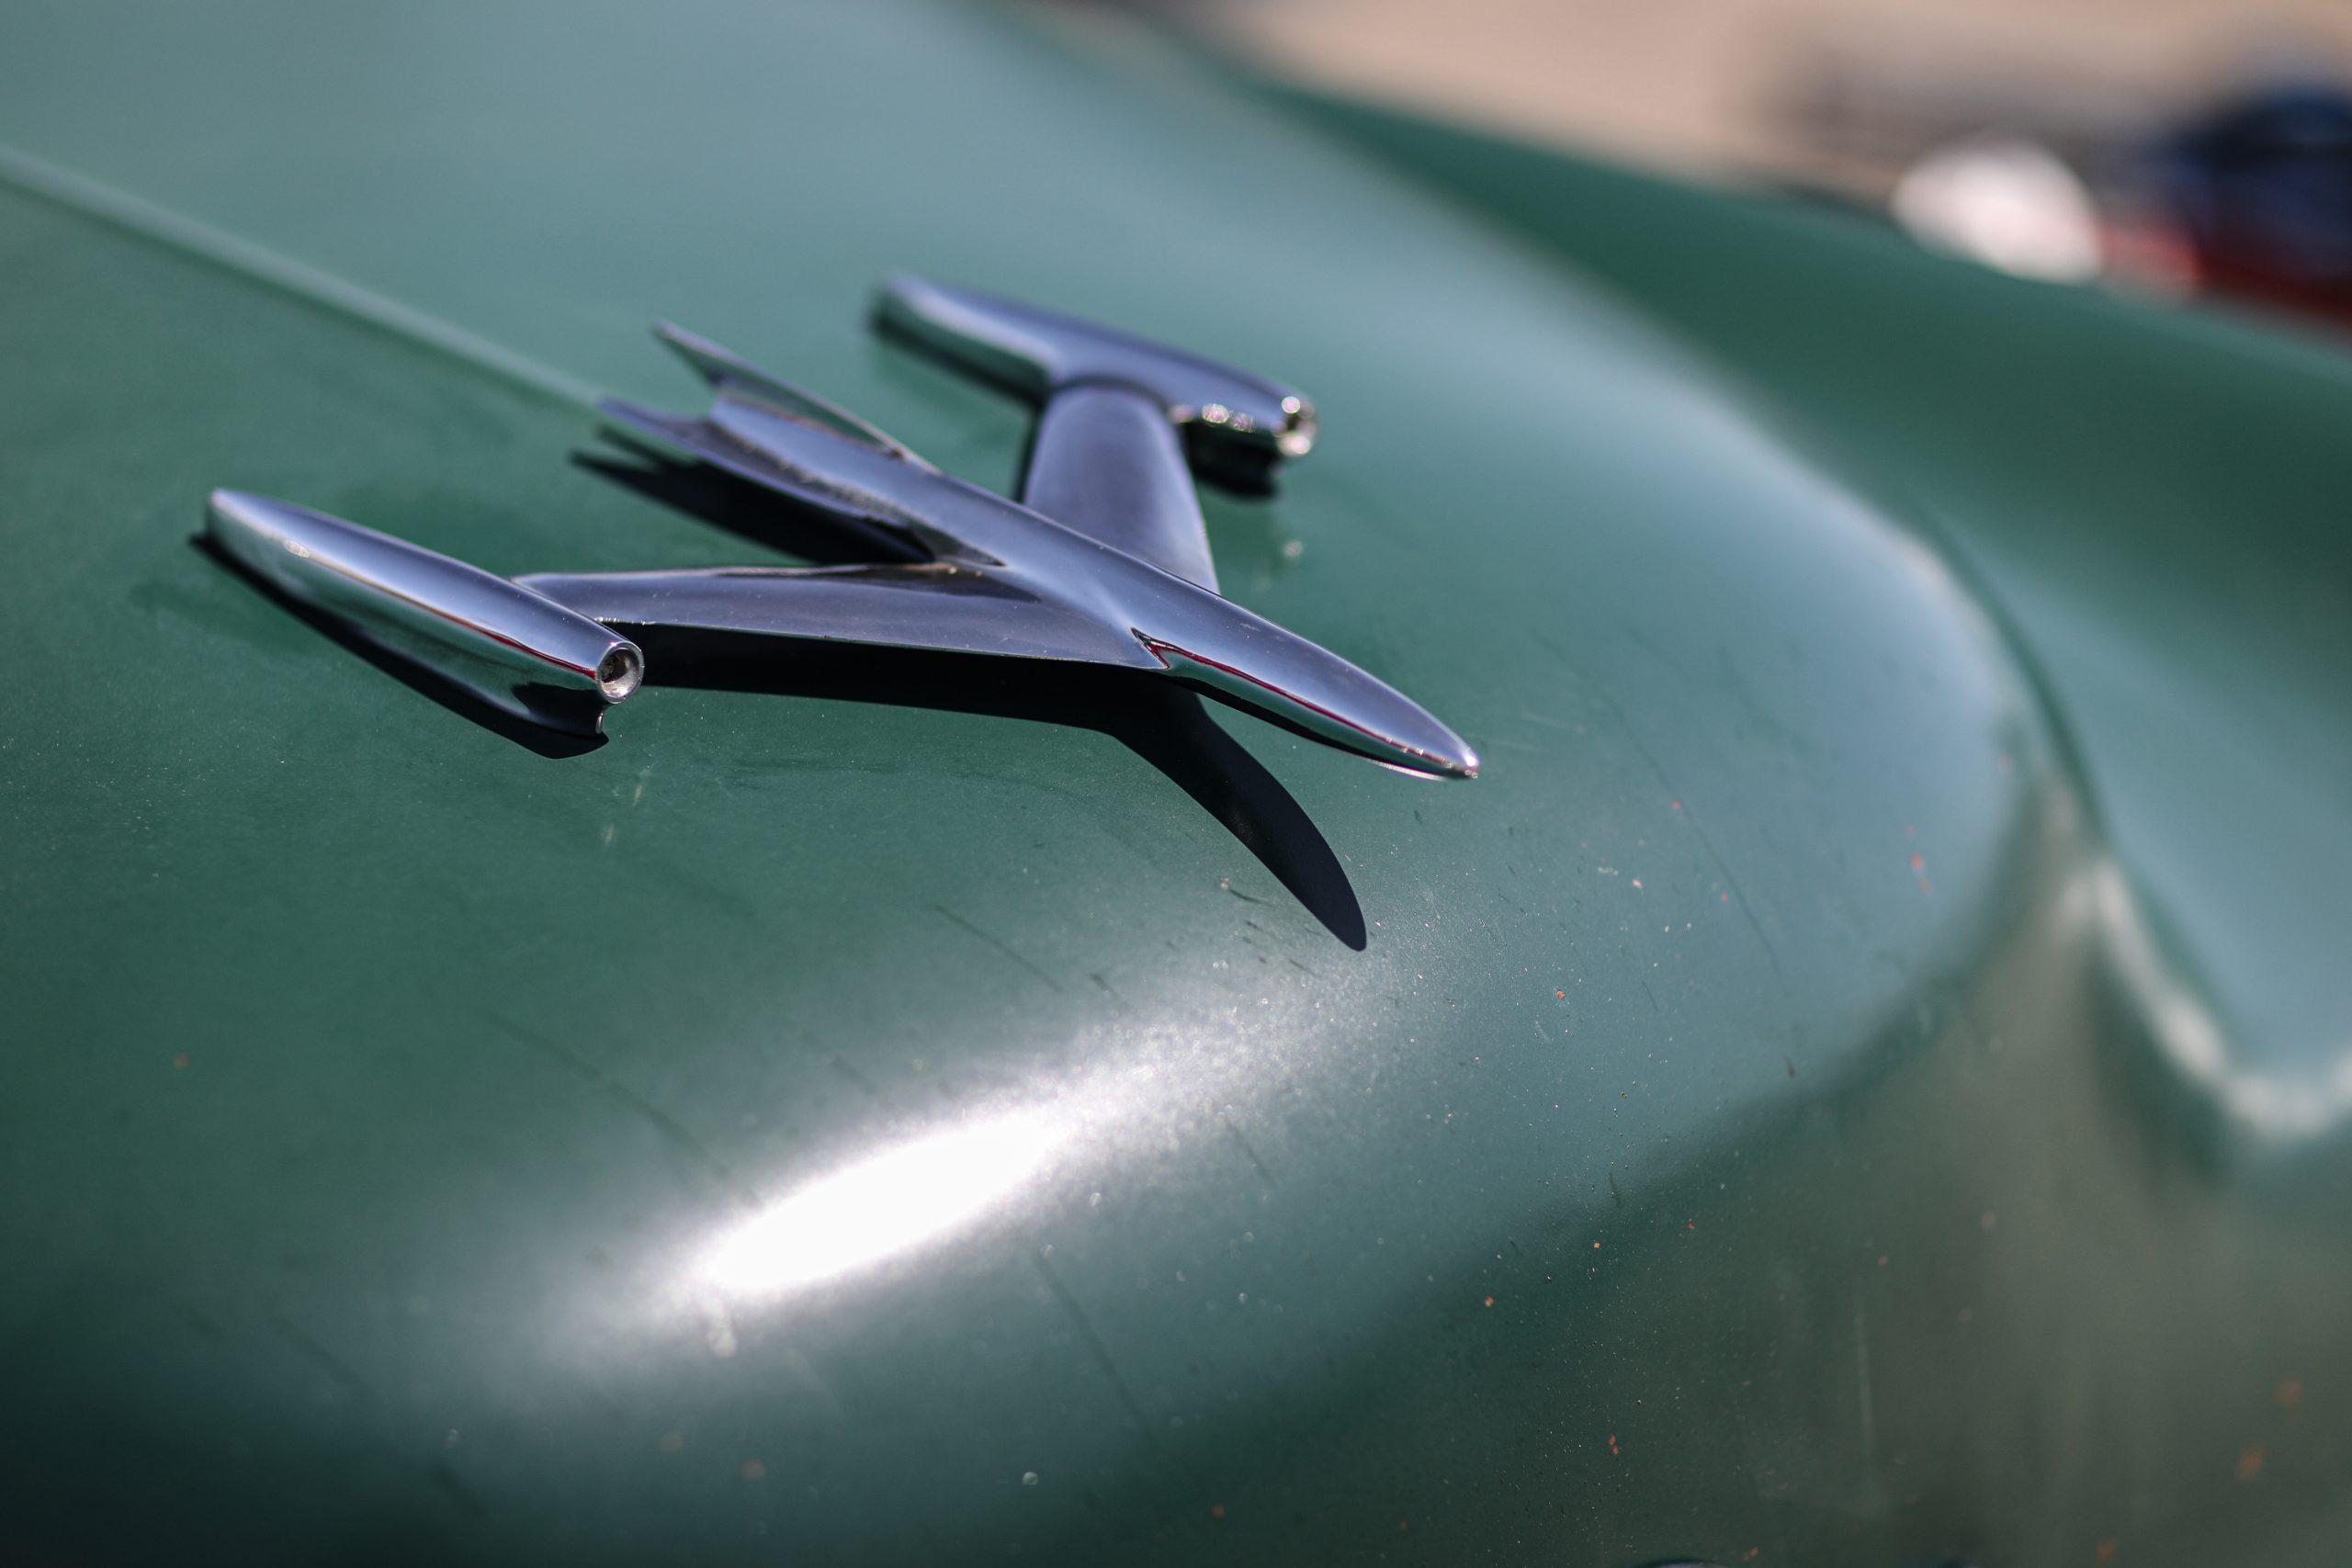 1953 Oldsmobile hood ornament